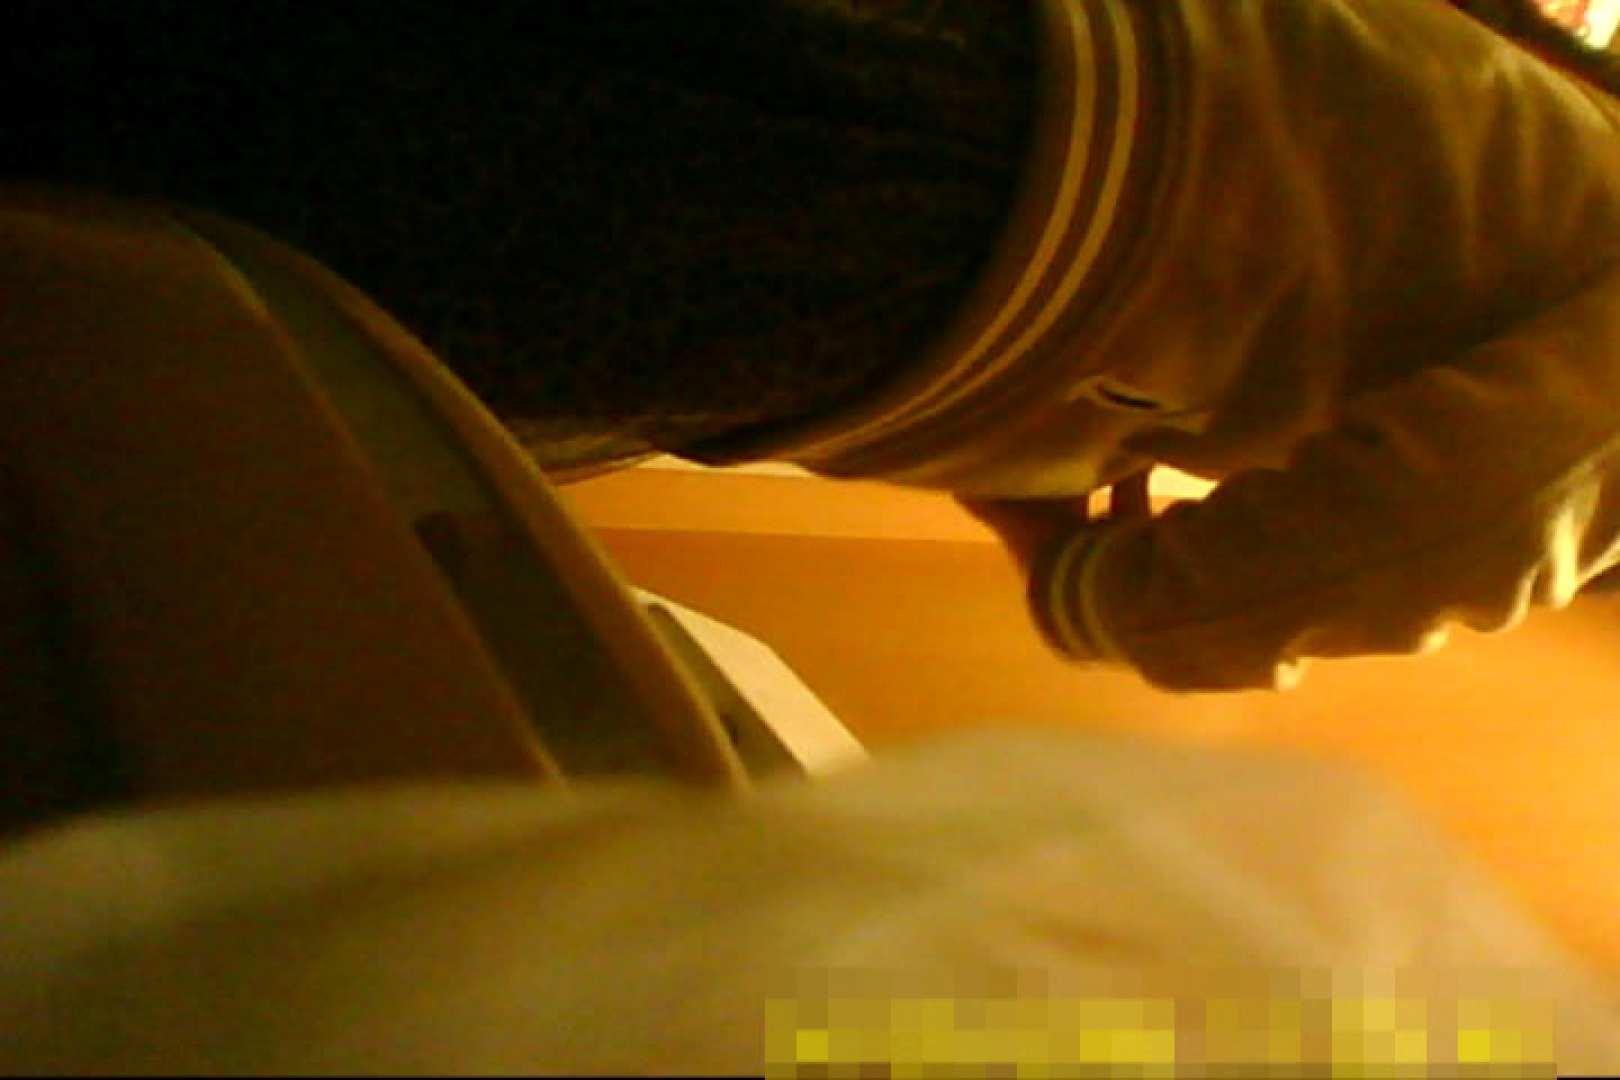 魅惑の化粧室~禁断のプライベート空間~vol.9 プライベート ワレメ無修正動画無料 70連発 39